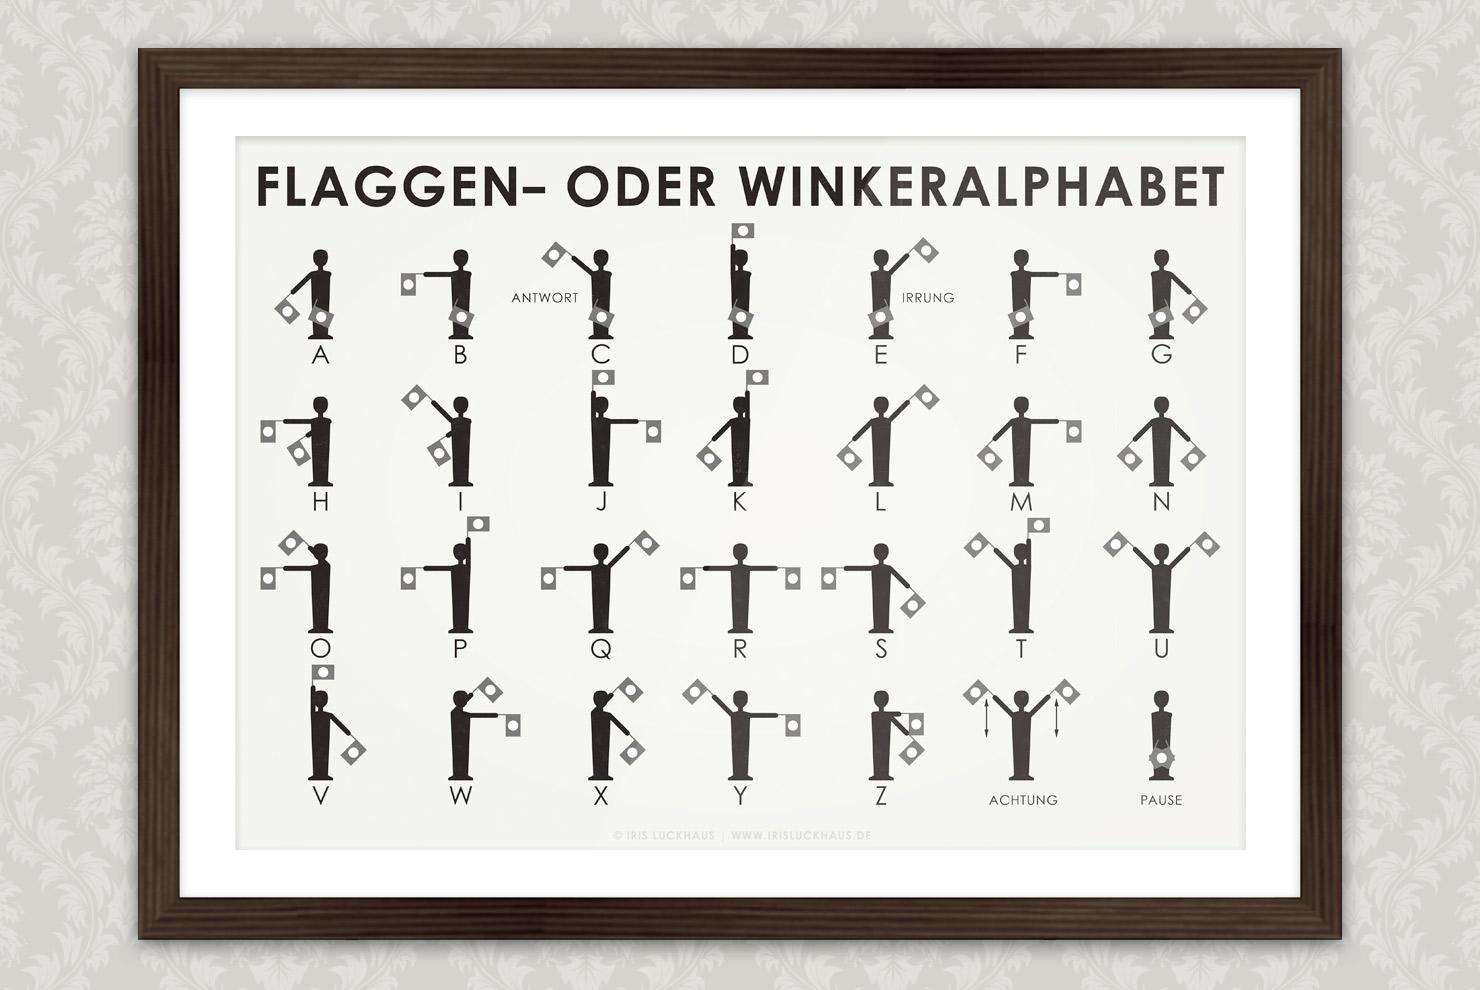 Poster mit einer grafischen Anleitung zum Flaggenalphabet oder Winkeralphabet Semaphore